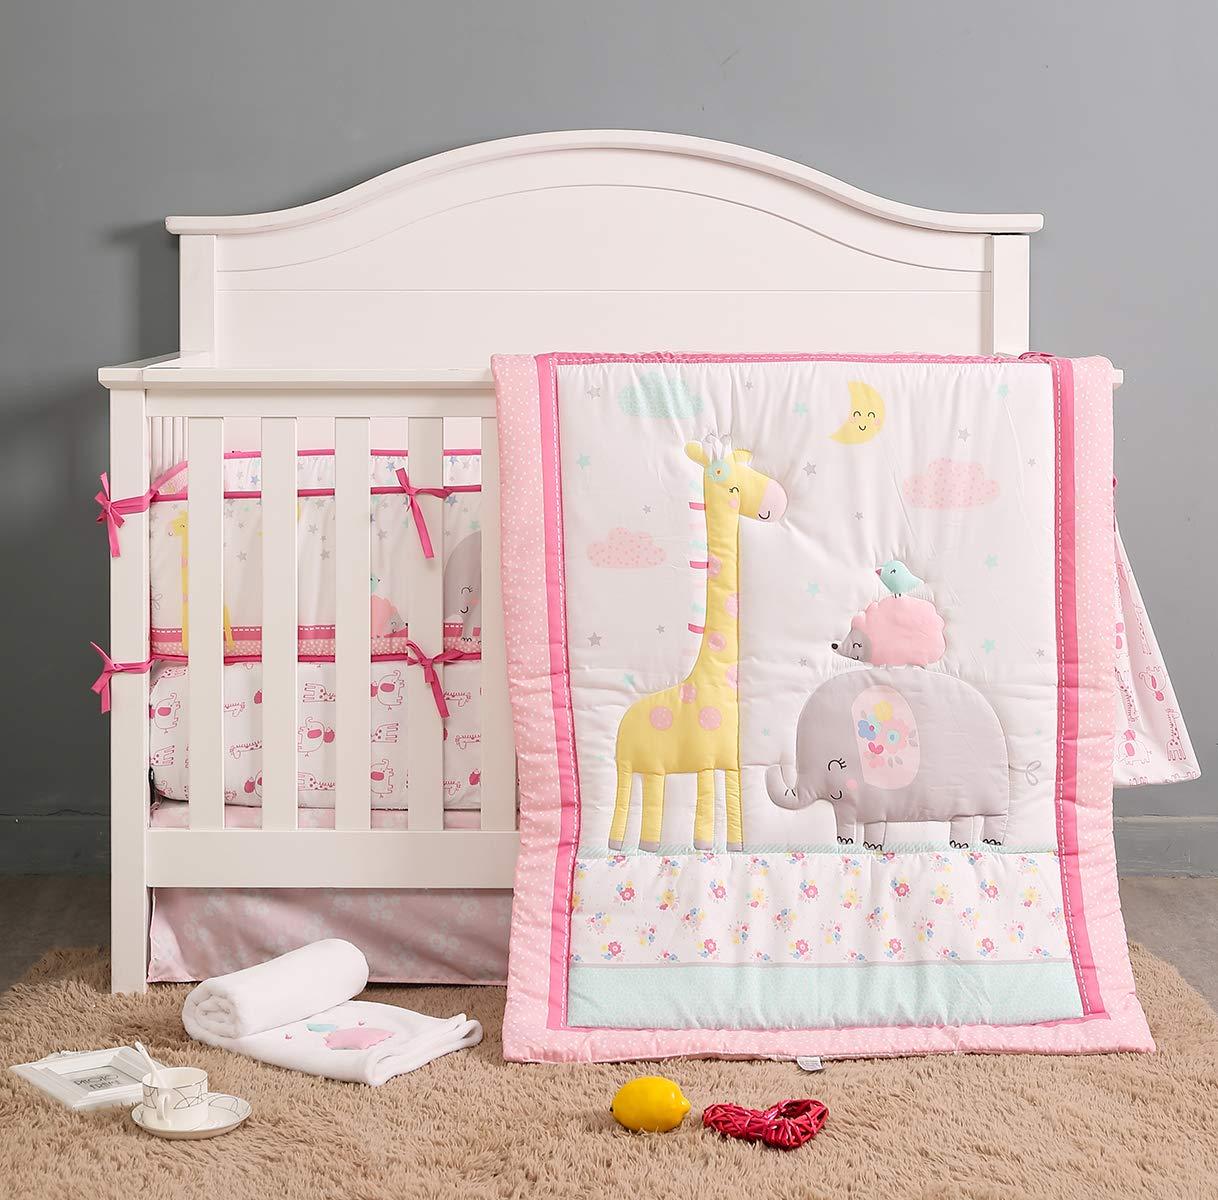 rosa Elefant TEALP Bettumrandung Baby Nestchen f/ür Babybett Babybett baby Nest Kopfschutz Nestchen babybettumrandung Kantenschutz Bettausstattung 180 x 25cm